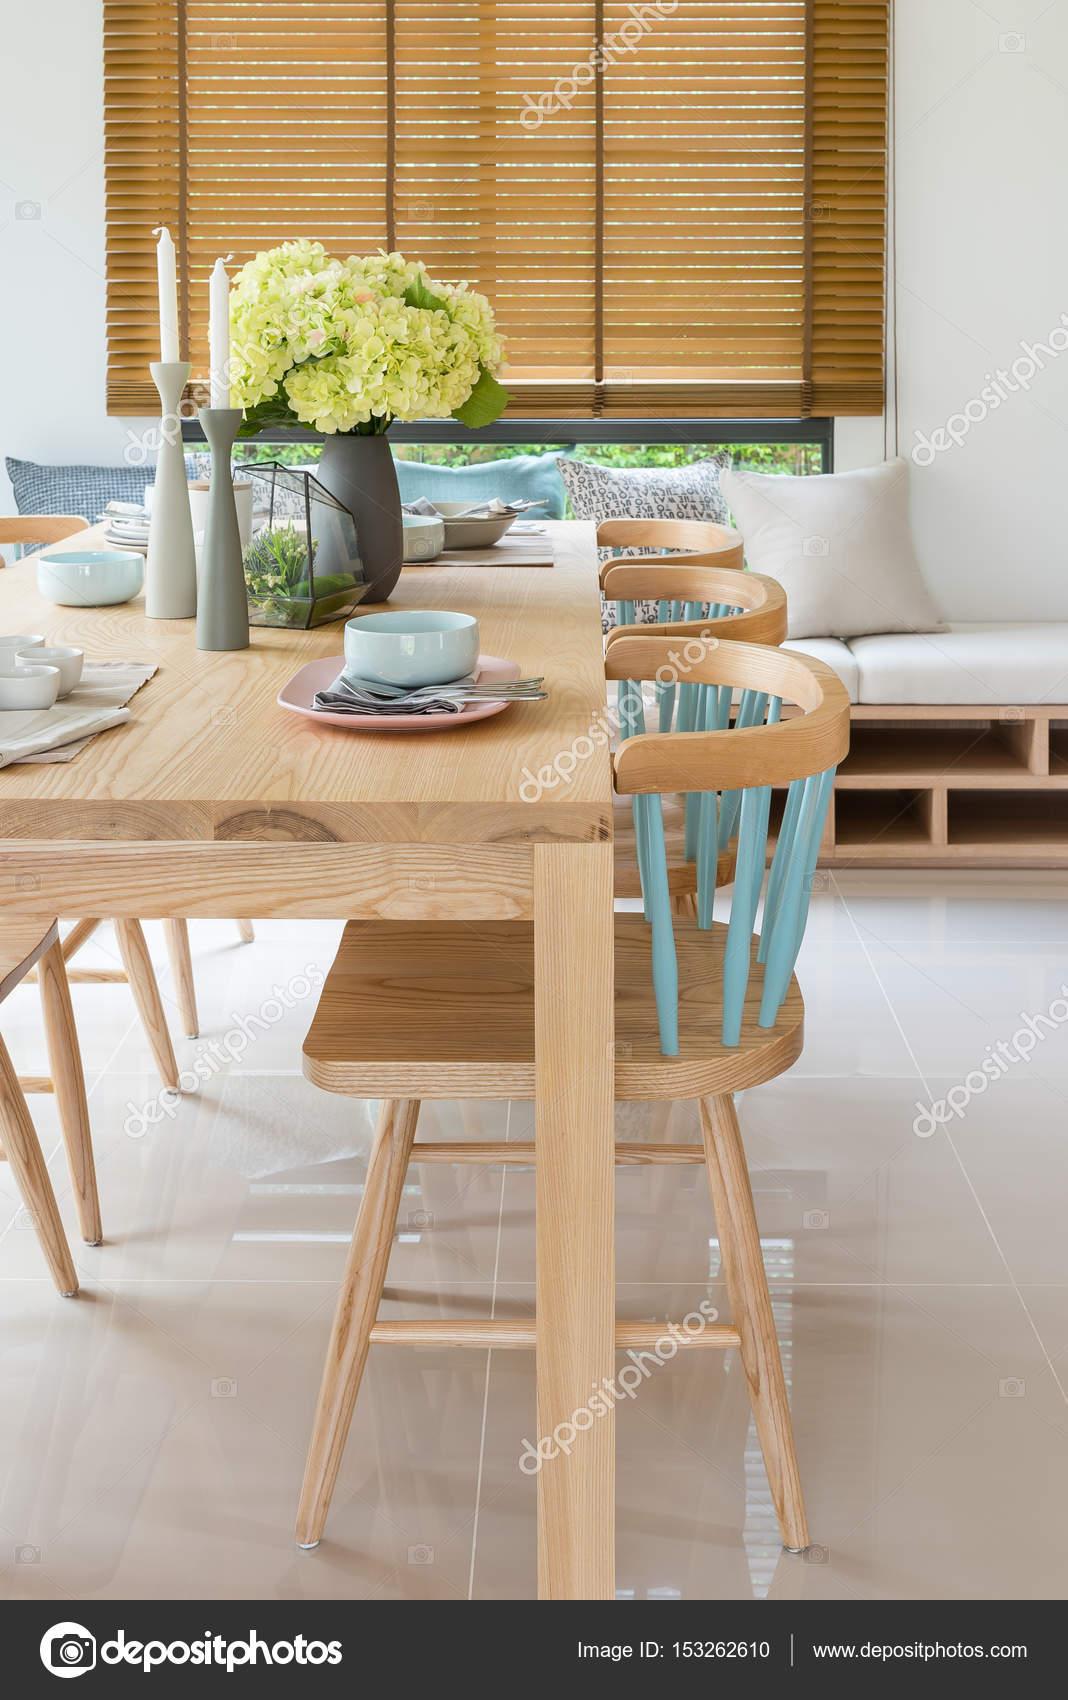 Moderne Houten Eettafel.Houten Eettafel In Moderne Eetkamer Met Tafel Garnituur En Vas